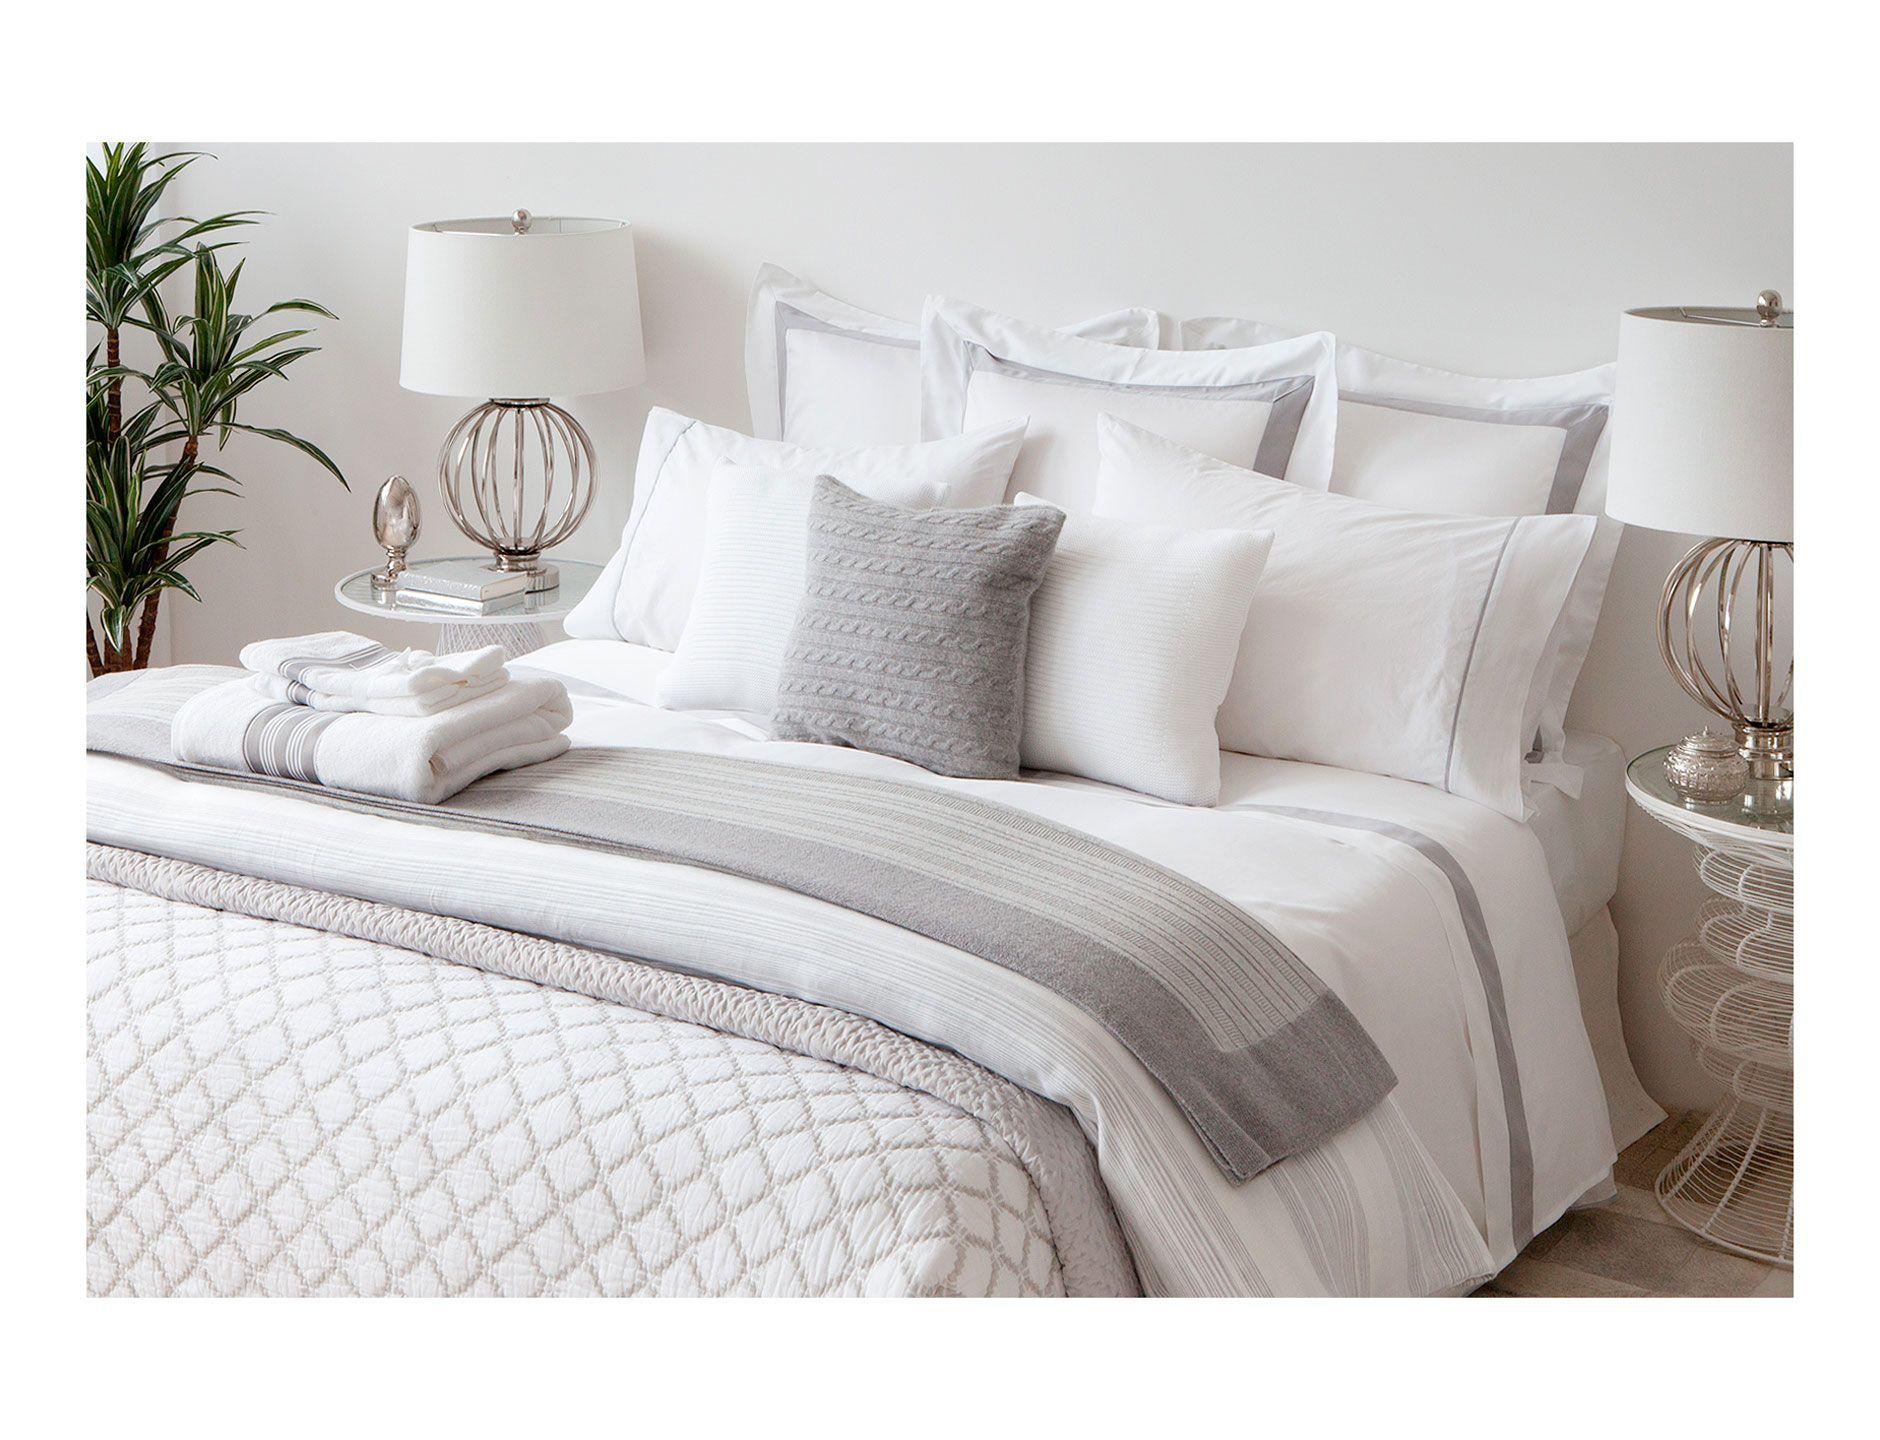 Grijs Wit Slaapkamer : Grijs wit slaapkamer home inspirations pinterest slaapkamer